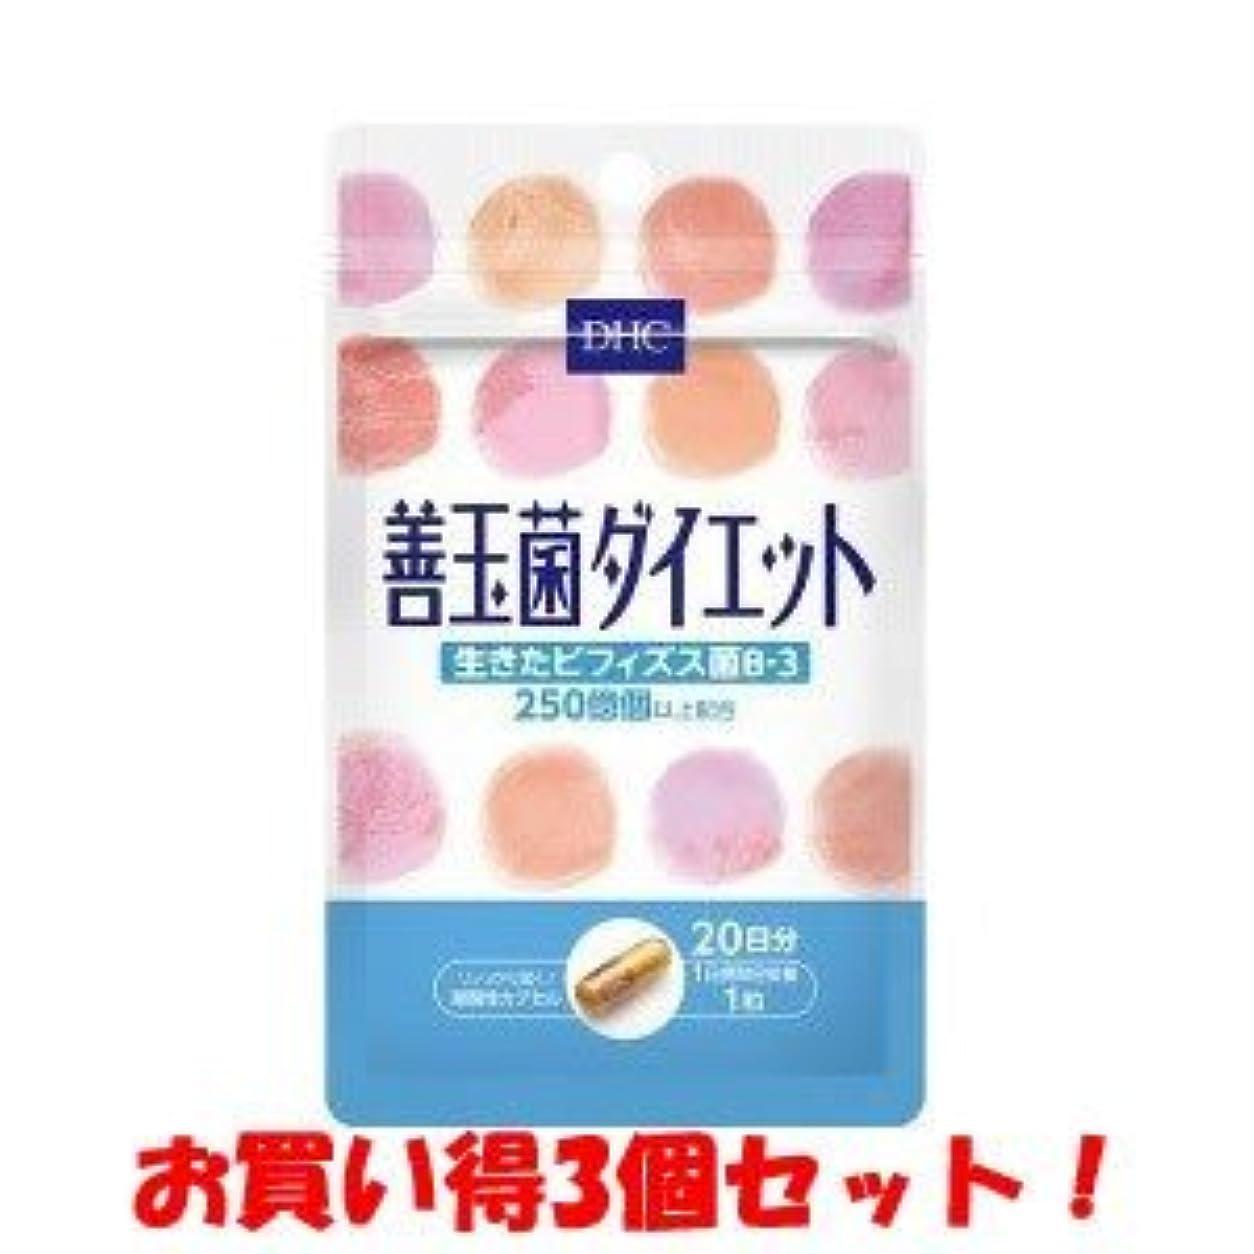 構造的フェザーレンダリングDHC 20日善玉菌ダイエット 6.9g/新商品/(お買い得3個セット)